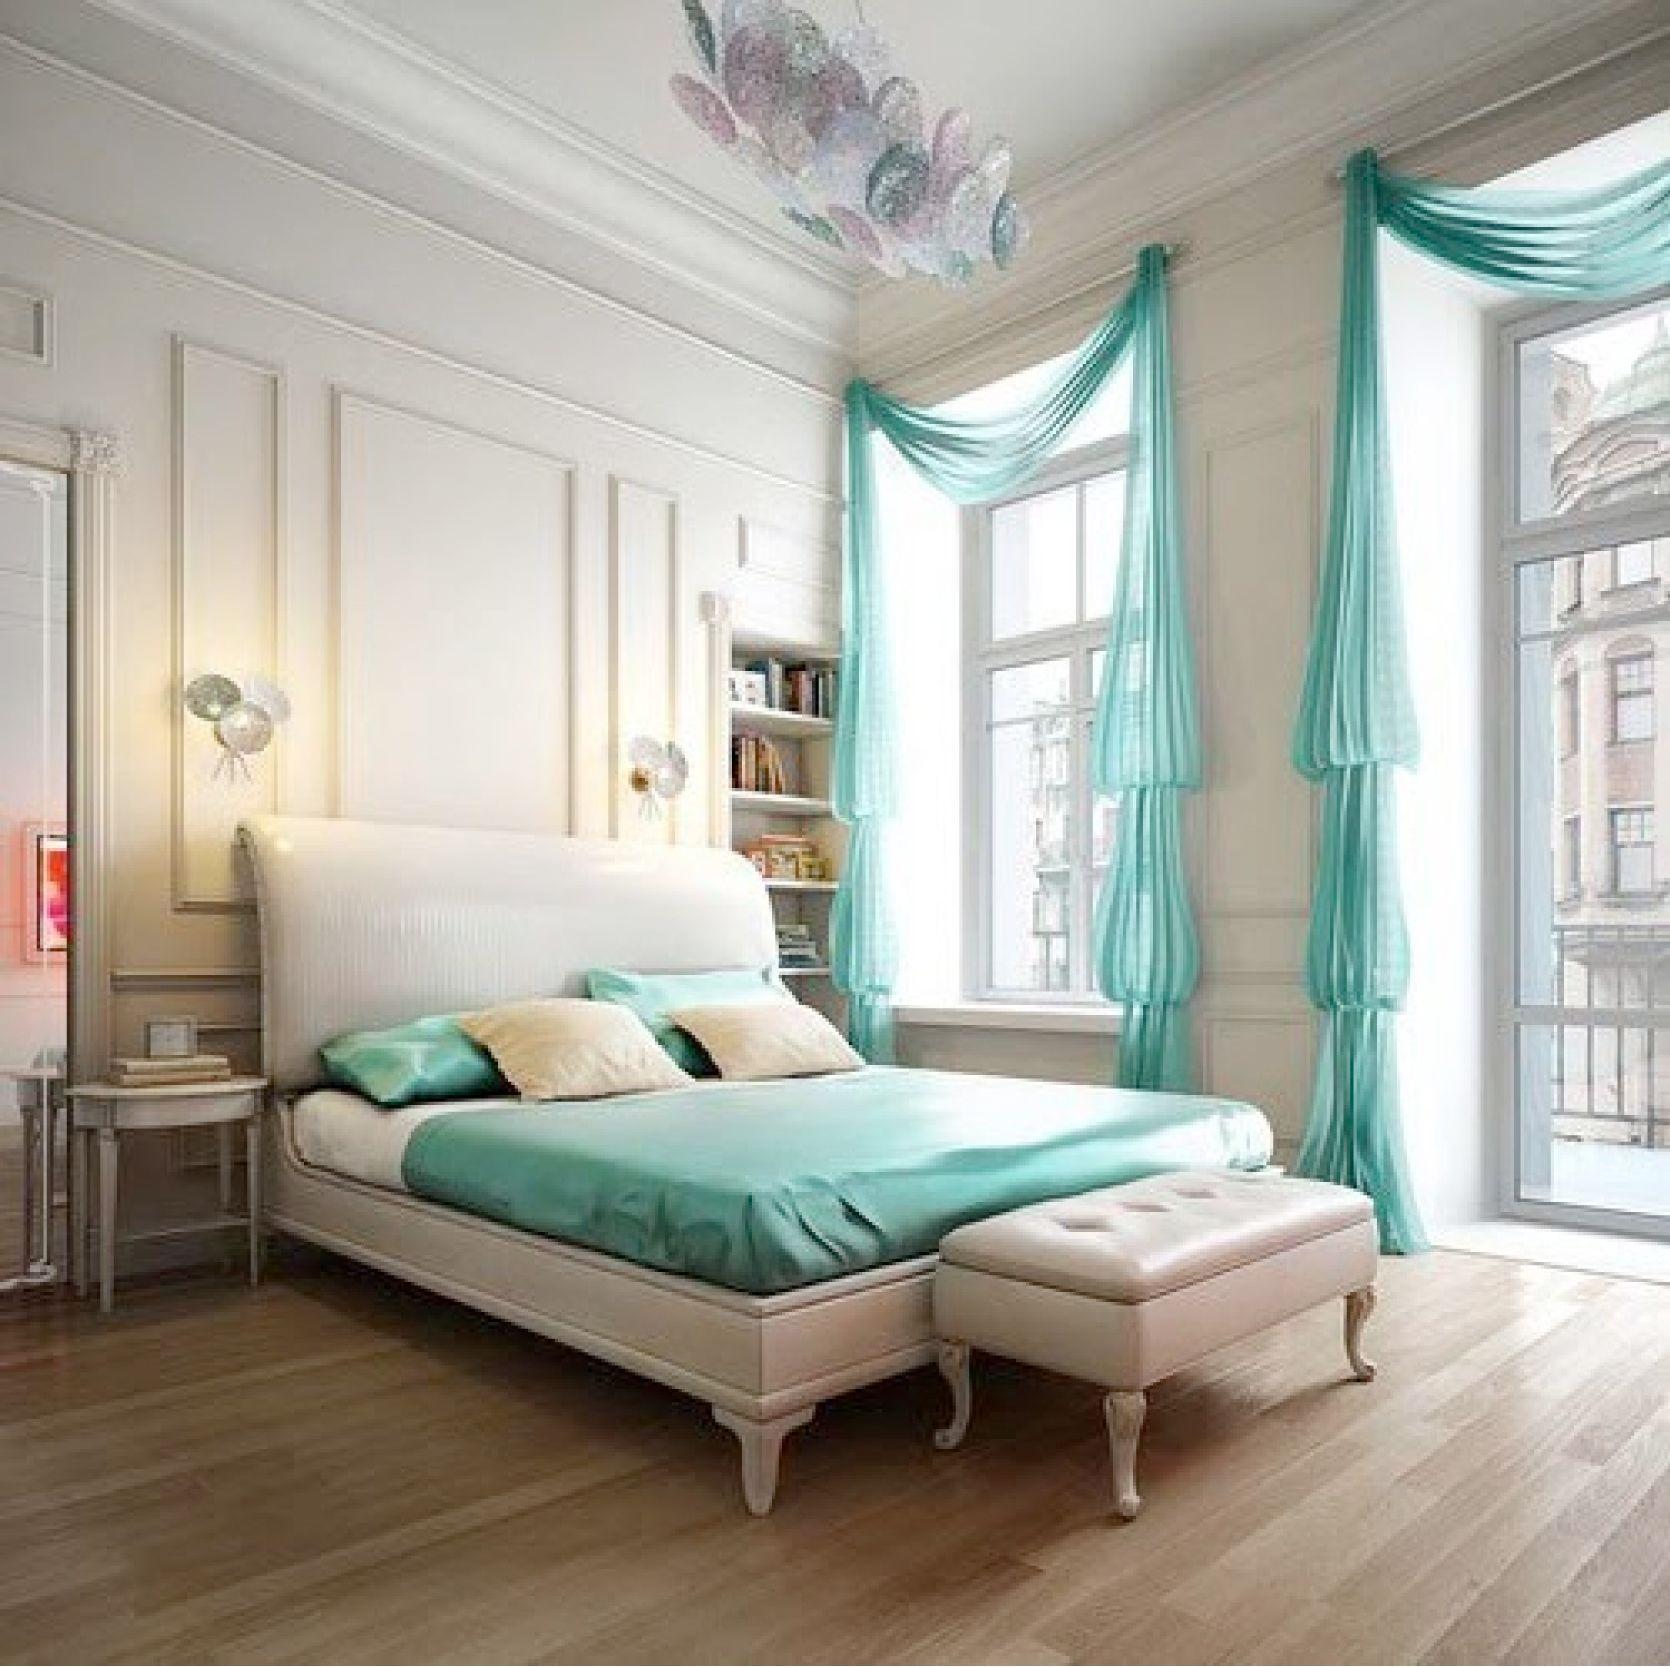 My dream bedroom bedroom pinterest